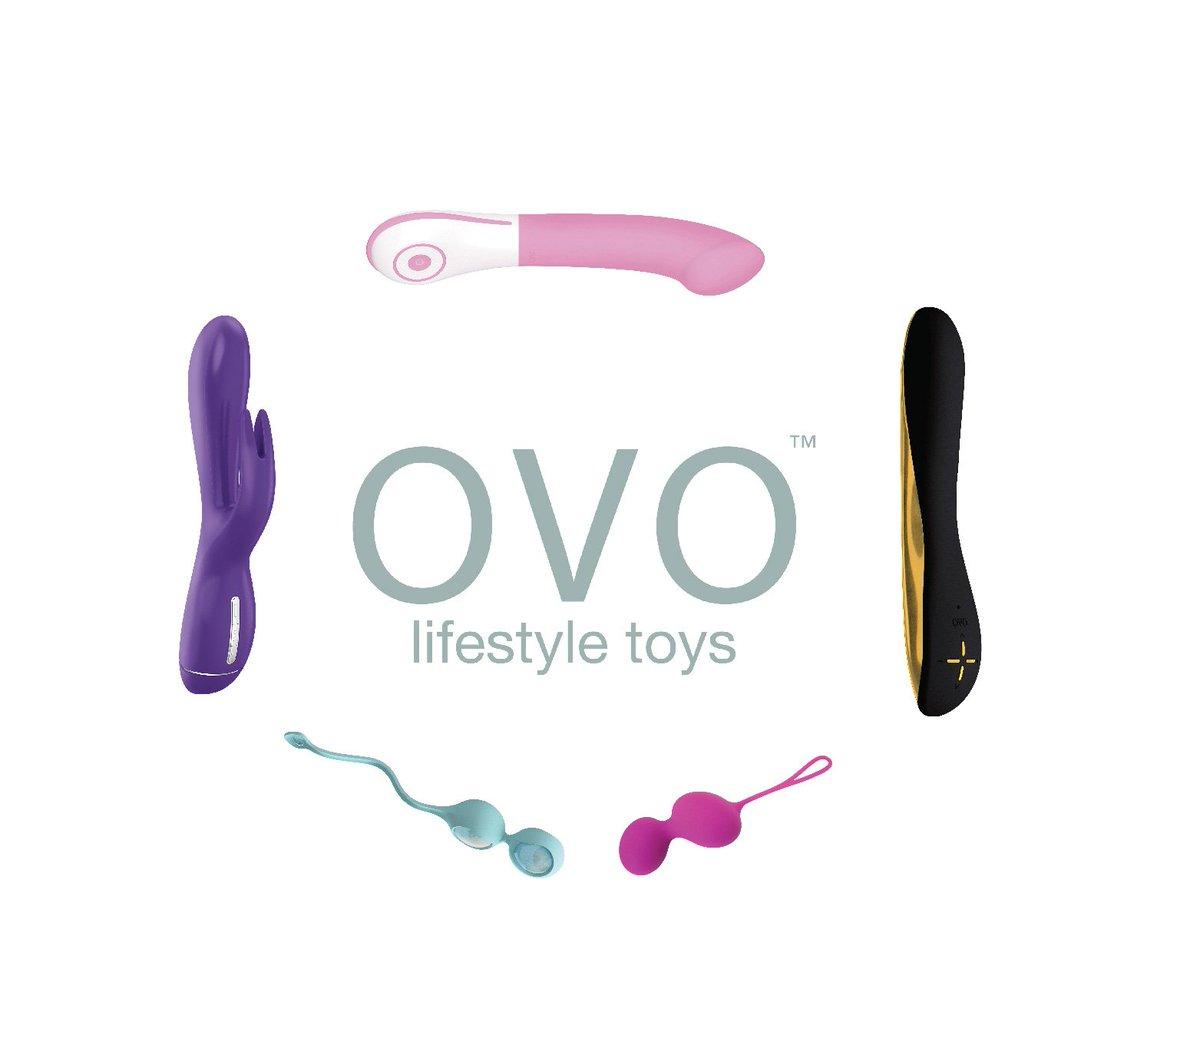 Ovo Lifestyle Toys